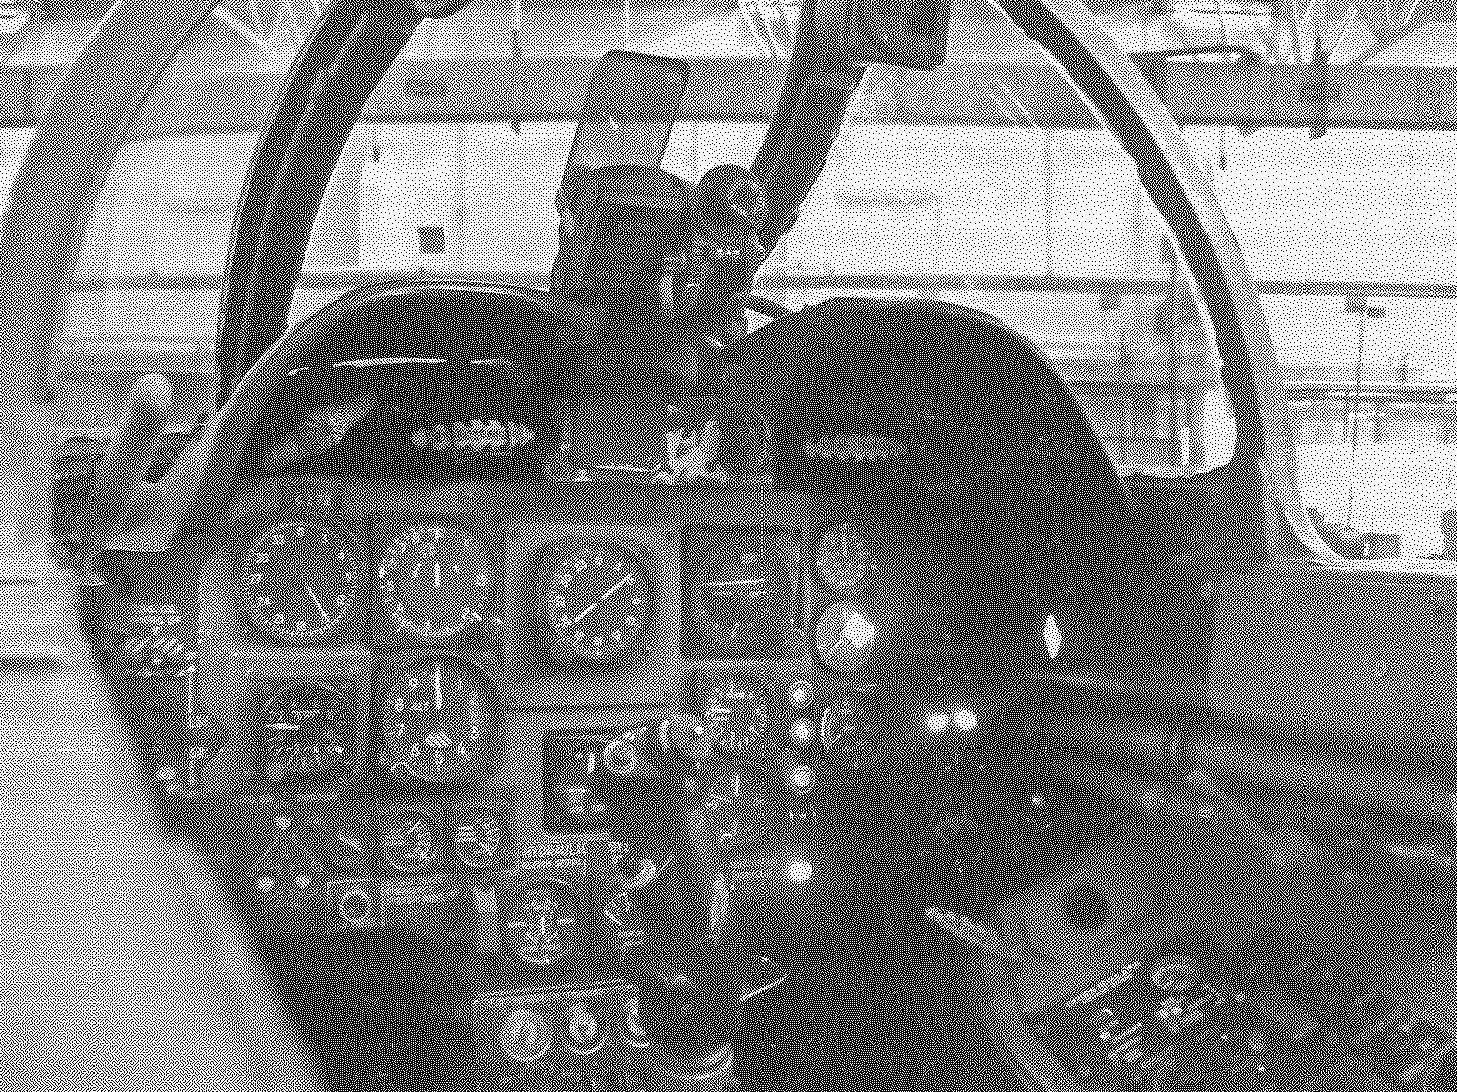 Оборудование кабины G.91R-1